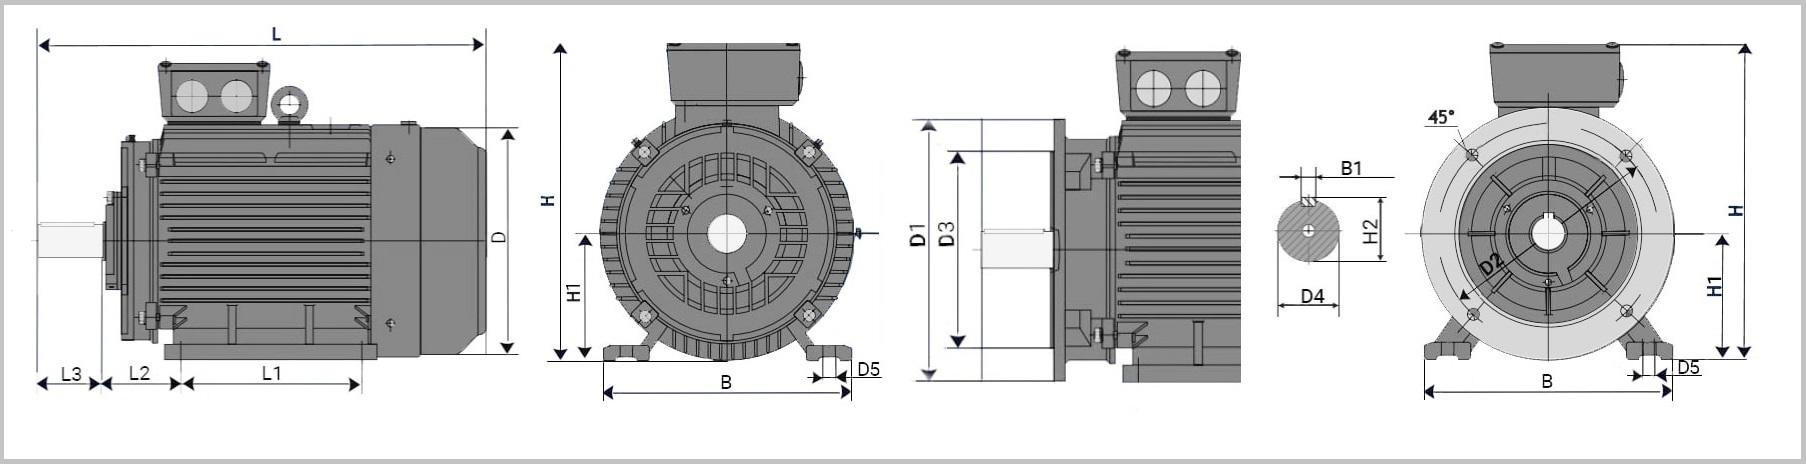 Чертеж, схема присоединительных, габаритных размеров электродвигателя АИР 71